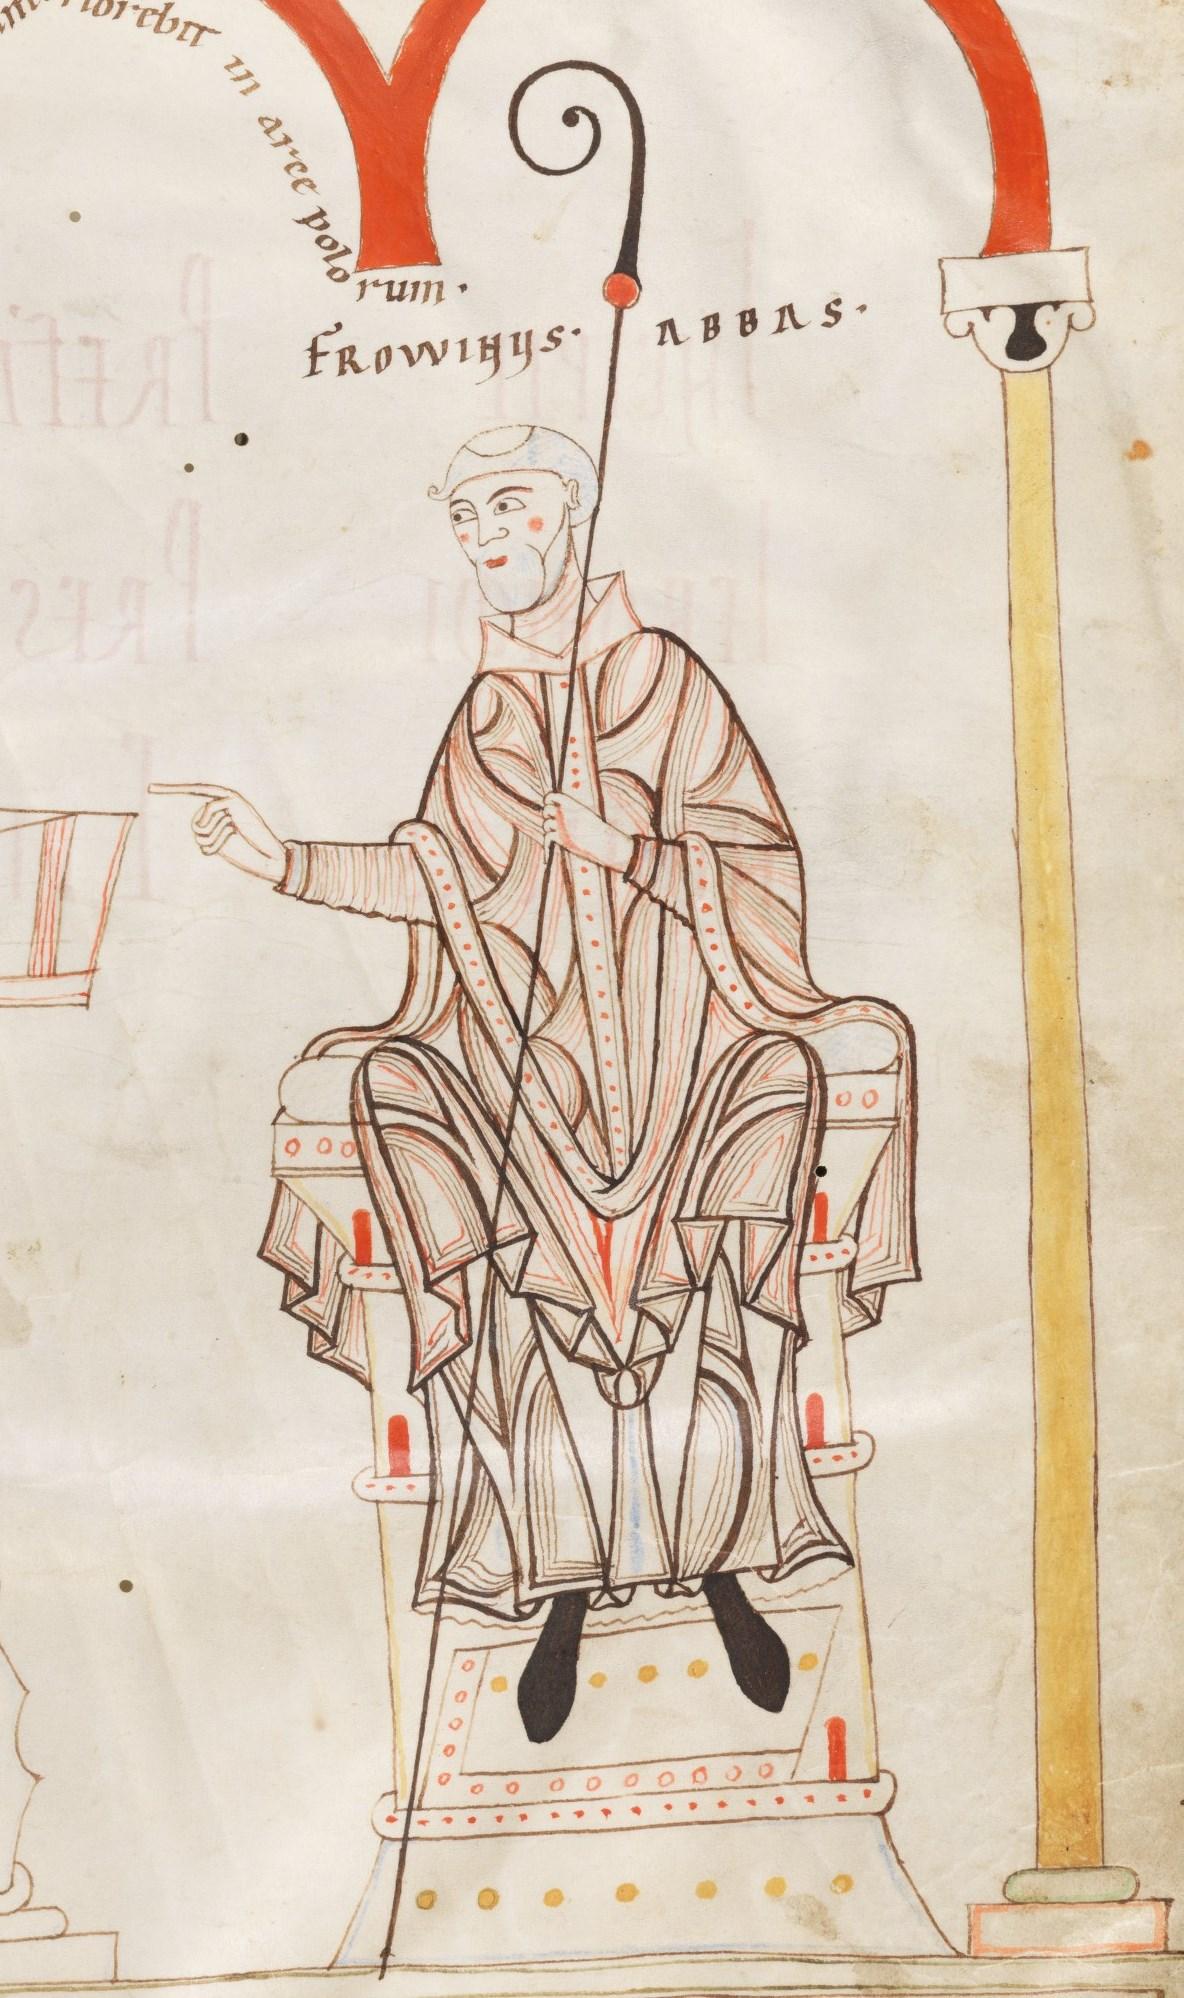 Frowin auf dem Deckblatt der Engelberger Bibel (Ausschnitt), 12. Jahrhundert, Engelberg, Stiftsbibliothek (CC BY-NC 4.0)